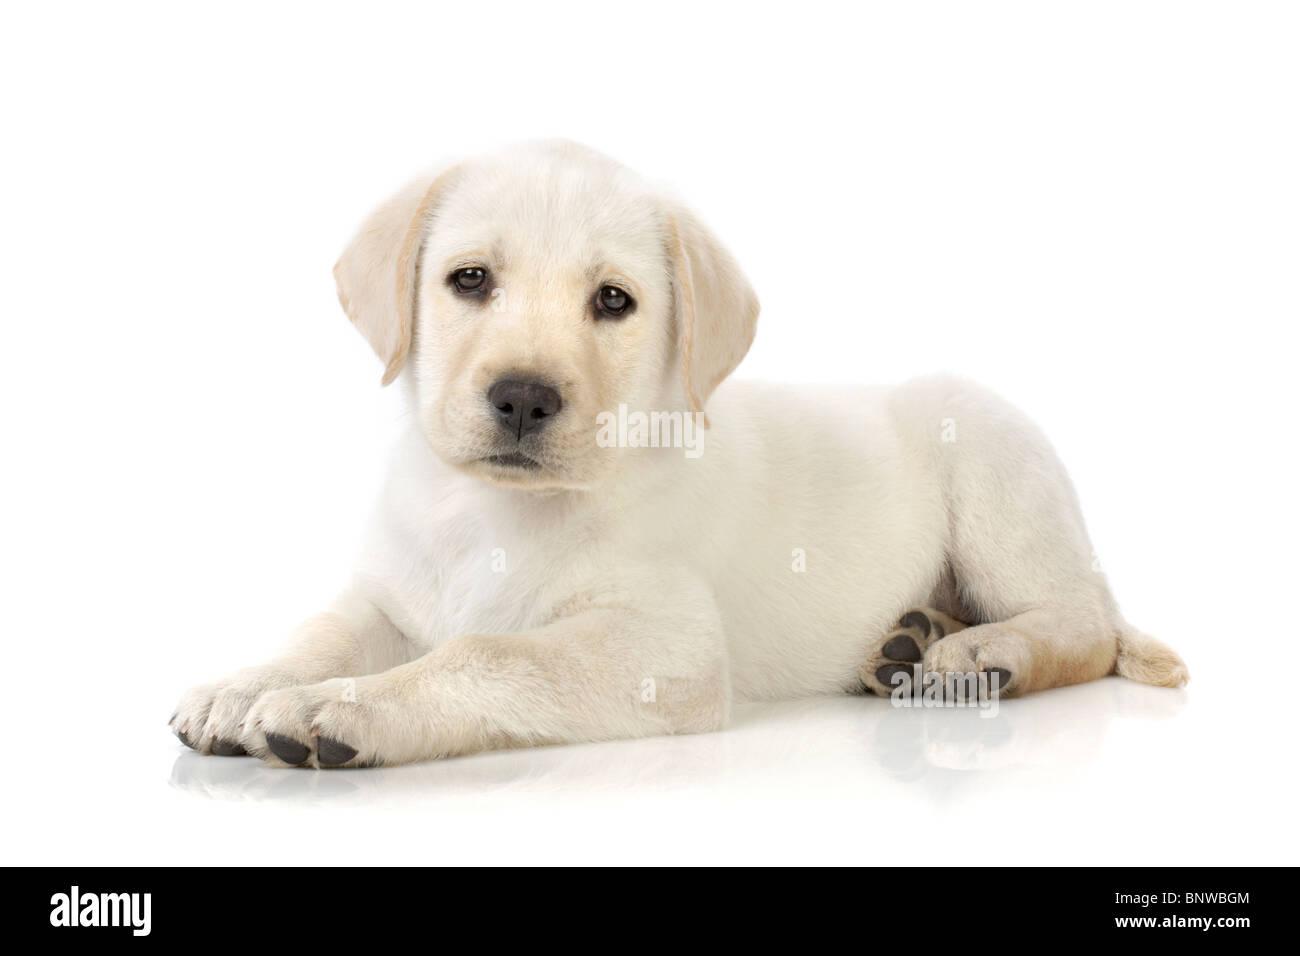 Adorable Labrador retriever puppy - Stock Image